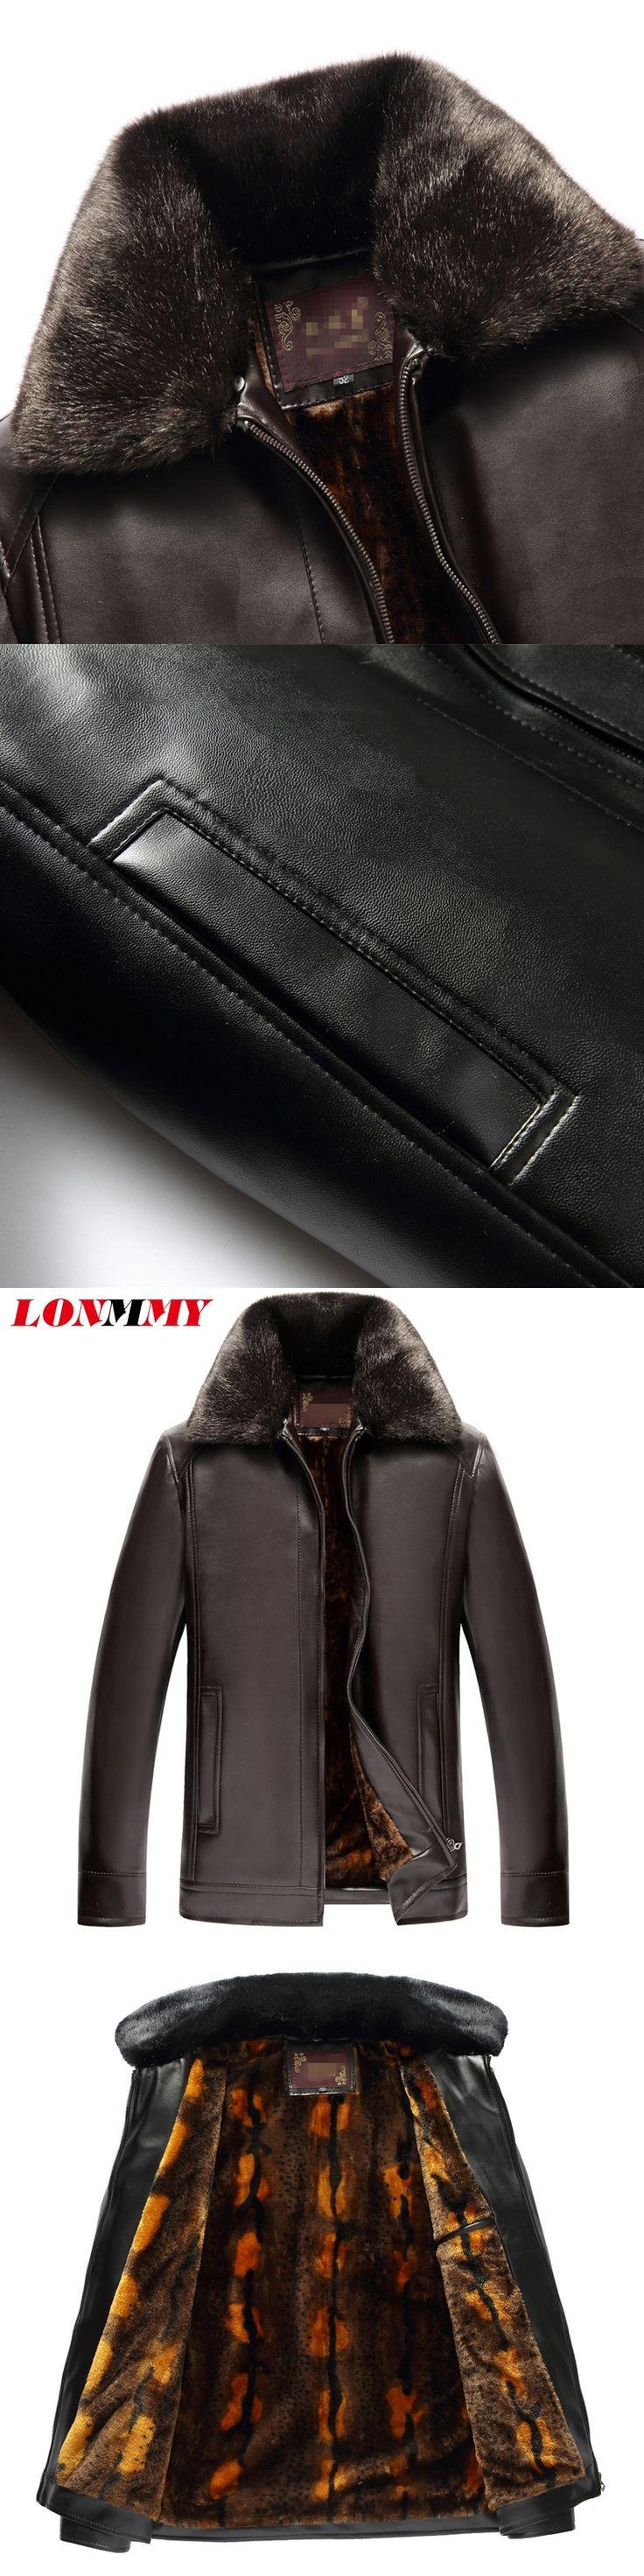 LONMMY 62=4XL Men faux fur jacket Outerwear coats windbreaker velvet thick Suede pu male leather jackets Black Brown 2017 Winter